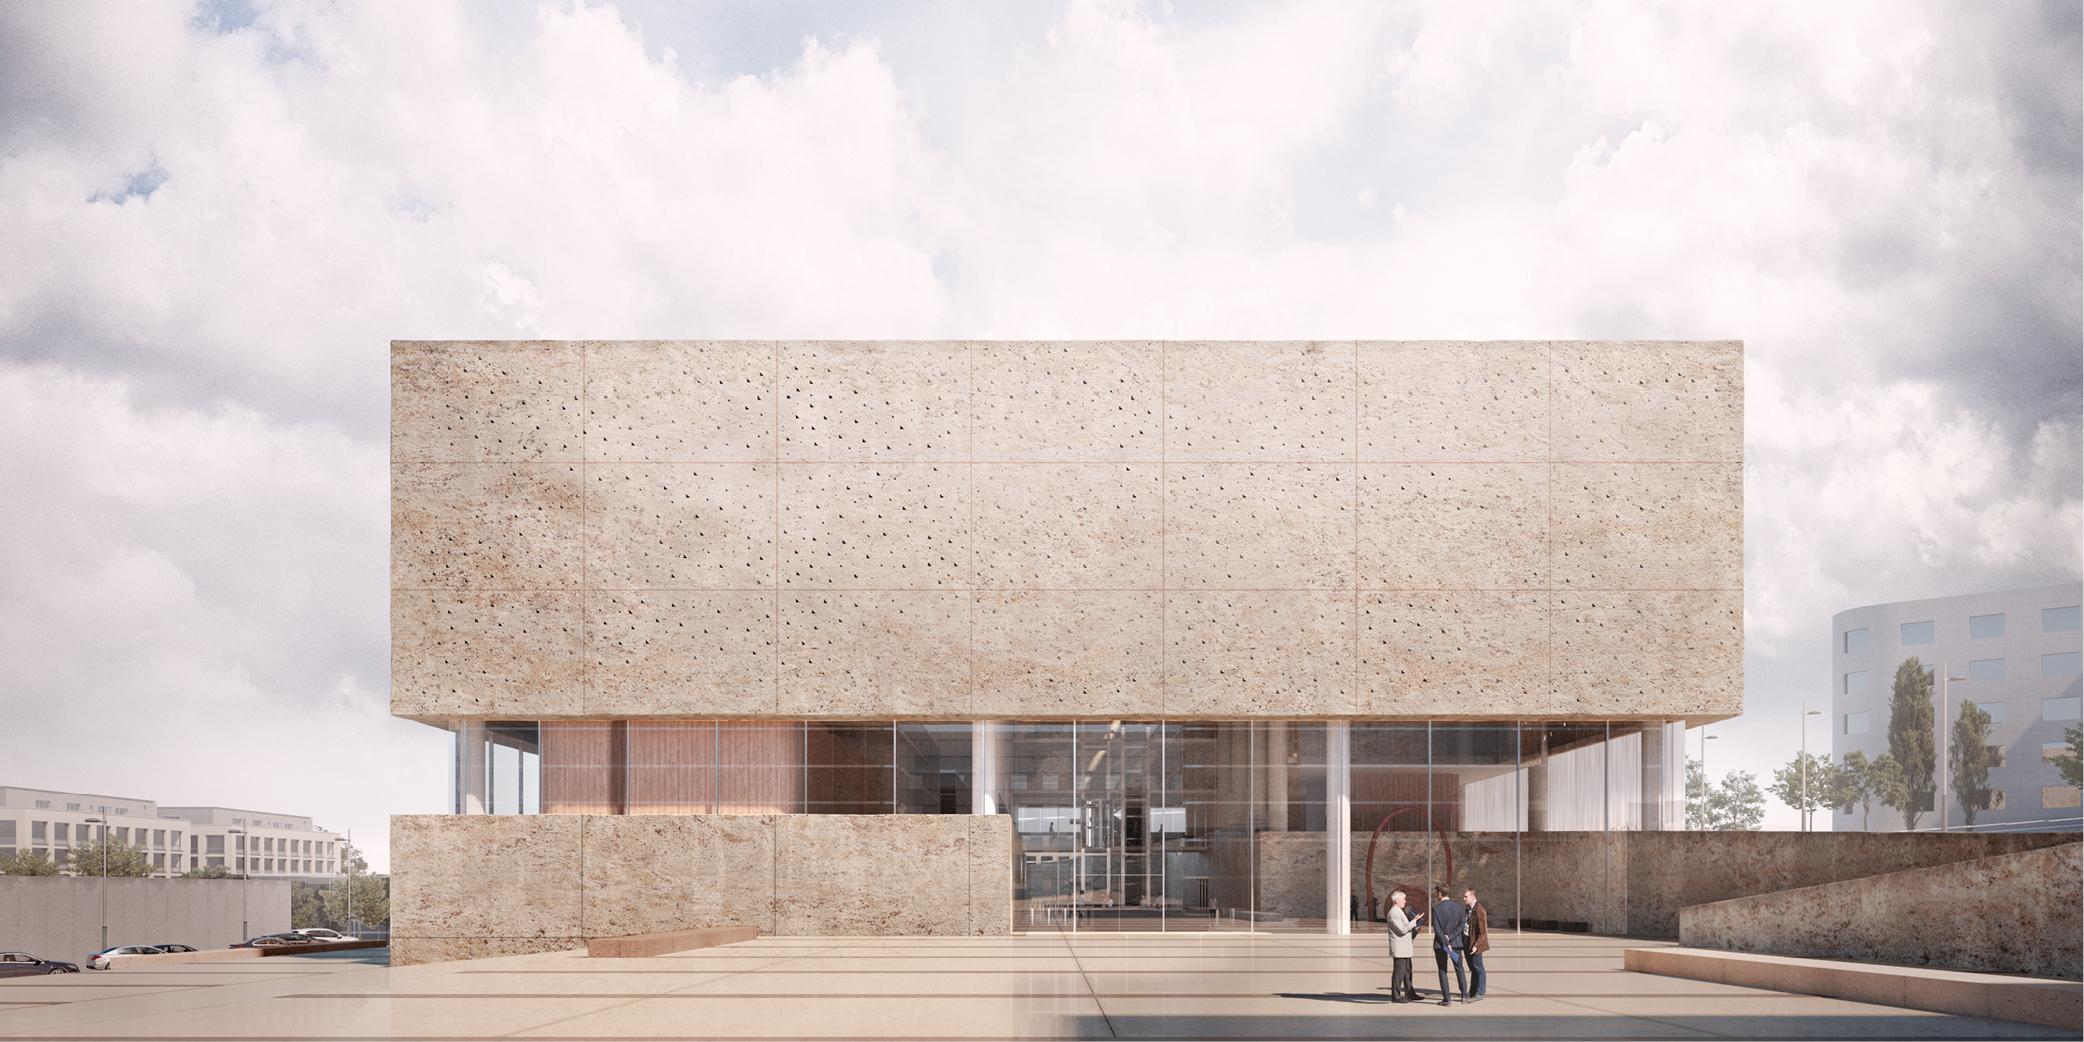 Concurso Juzgados Fuerteventura Puerto del Rosario OCA architects Barcelona6